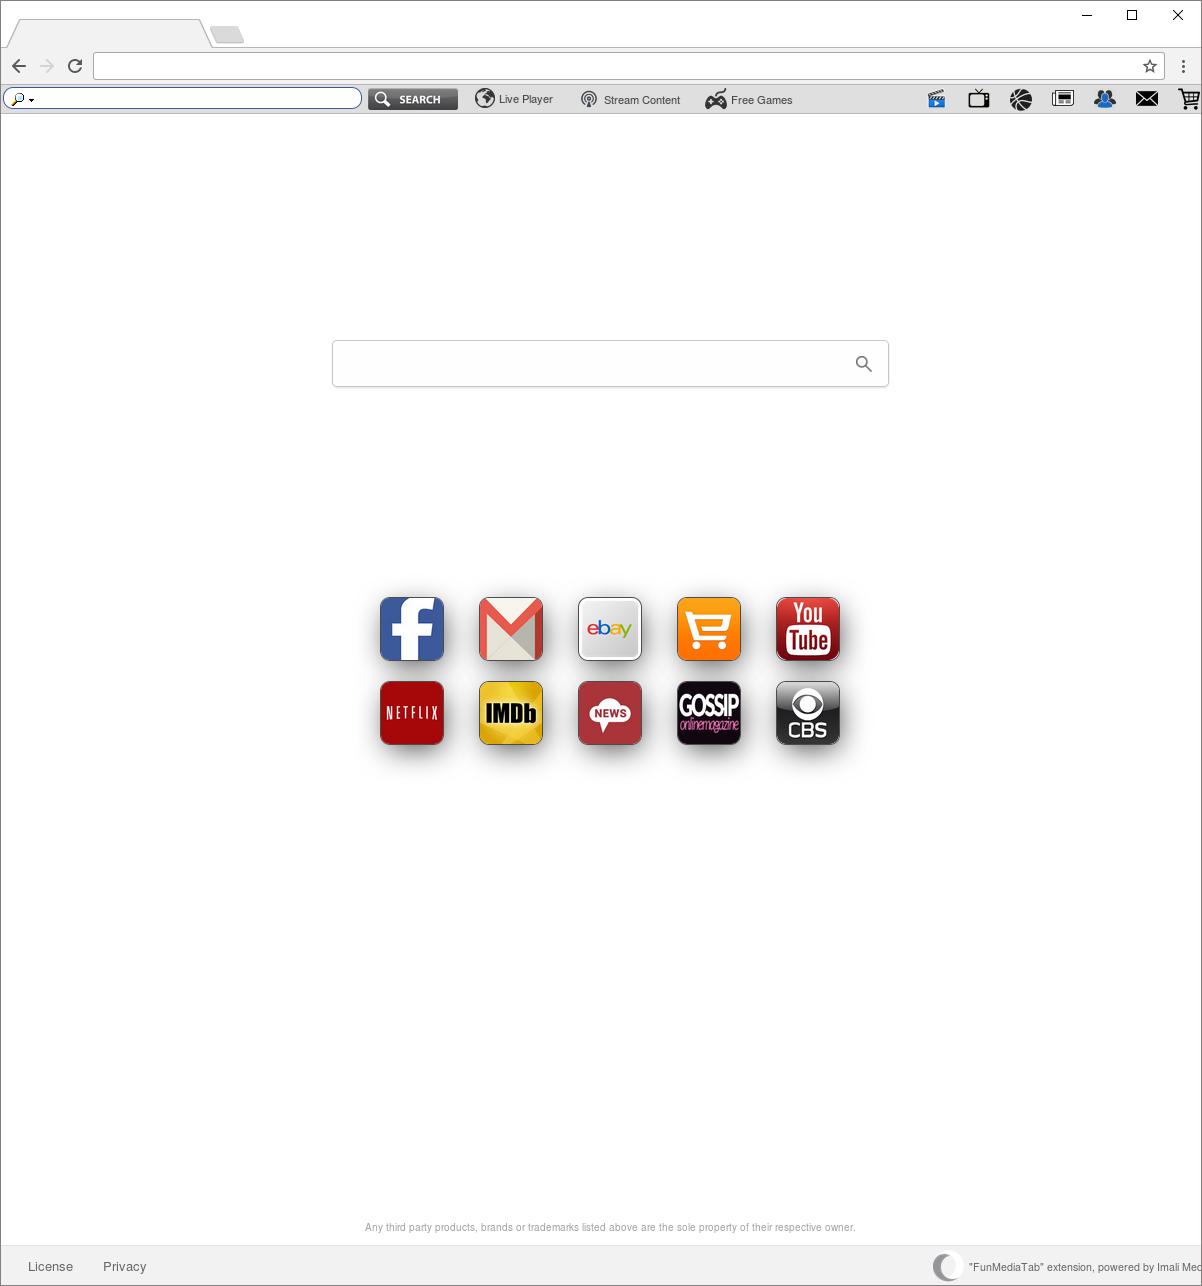 Search.mediatvtabsearch.com Hijacker